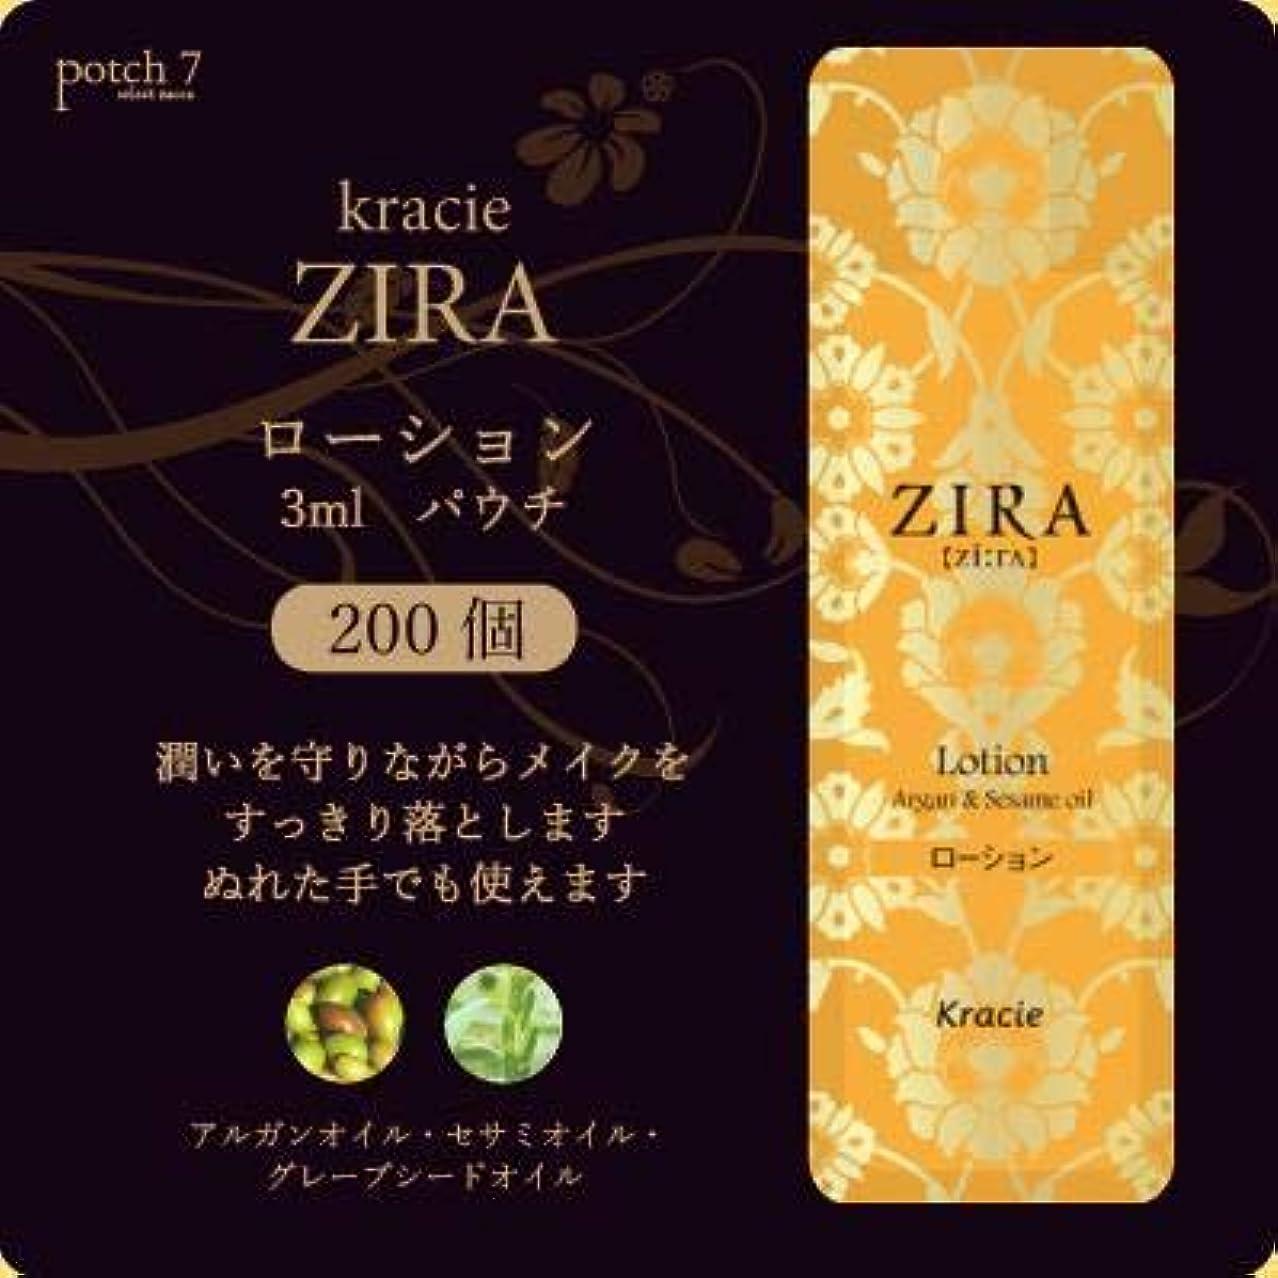 時封筒ごちそうKracie クラシエ ZIRA ジーラ ローション 化粧水 パウチ 3ml 200個入